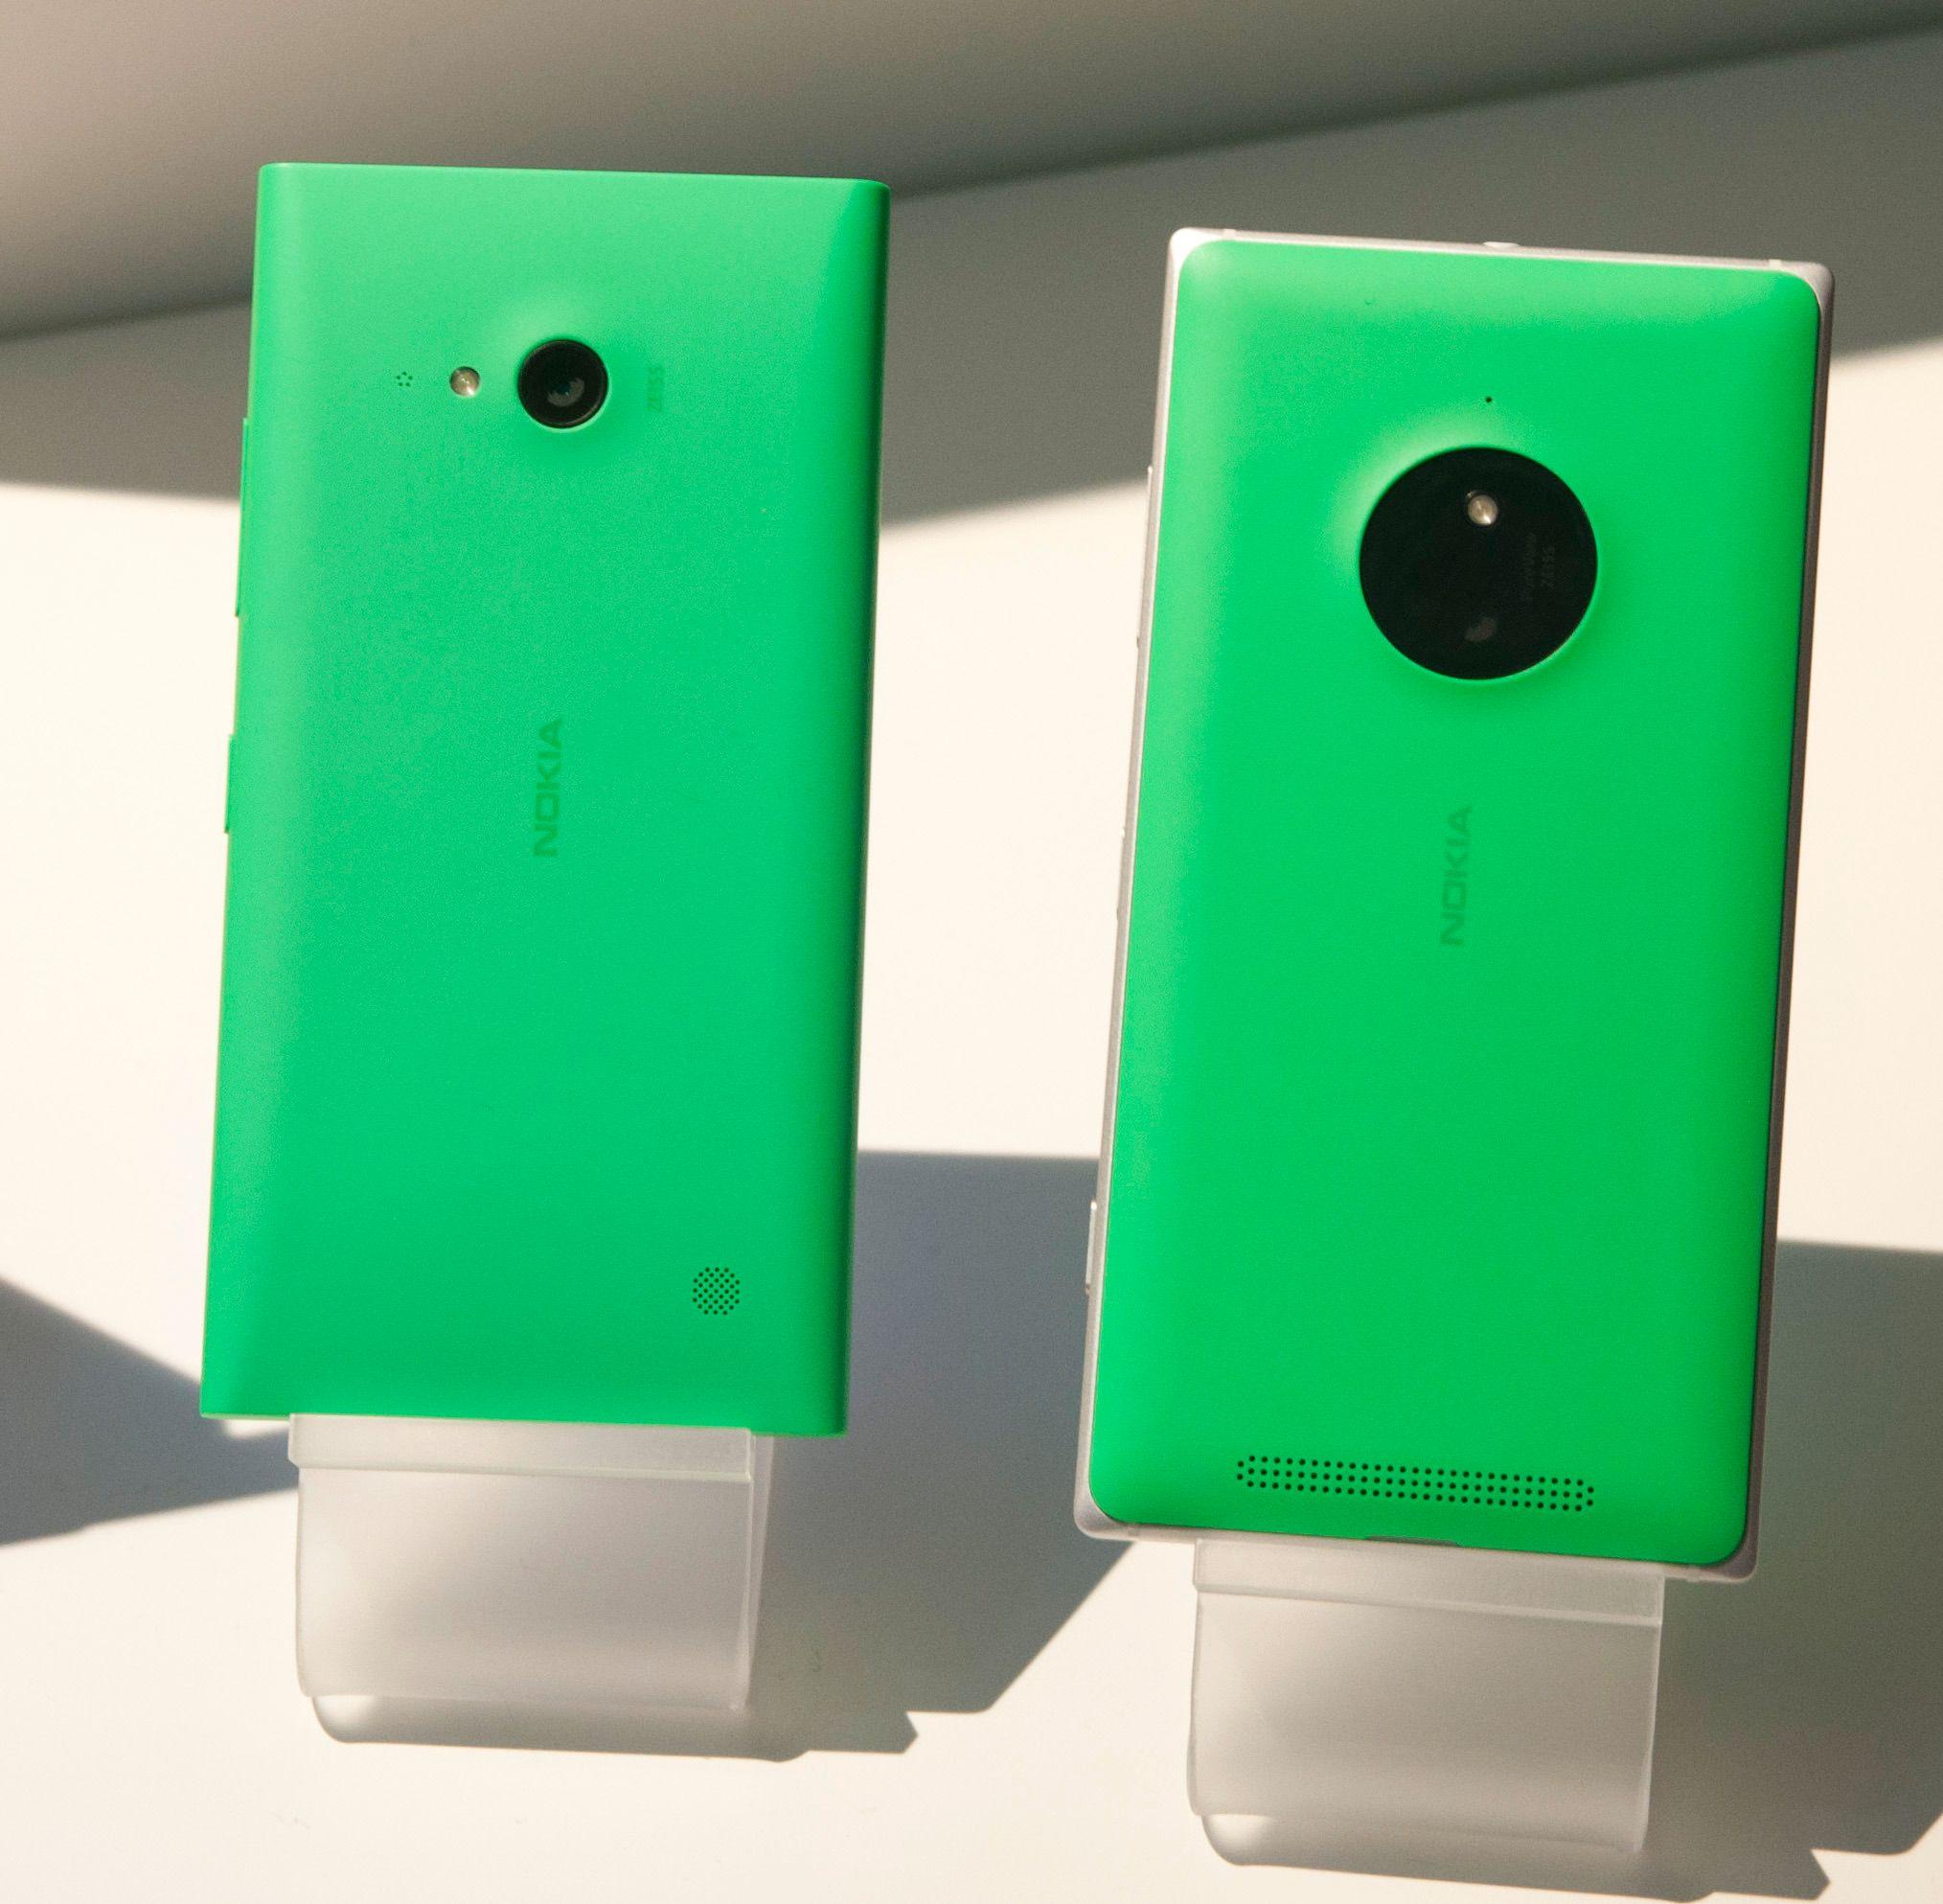 Lumia 730 til venstre, Lumia 830 til høyre.